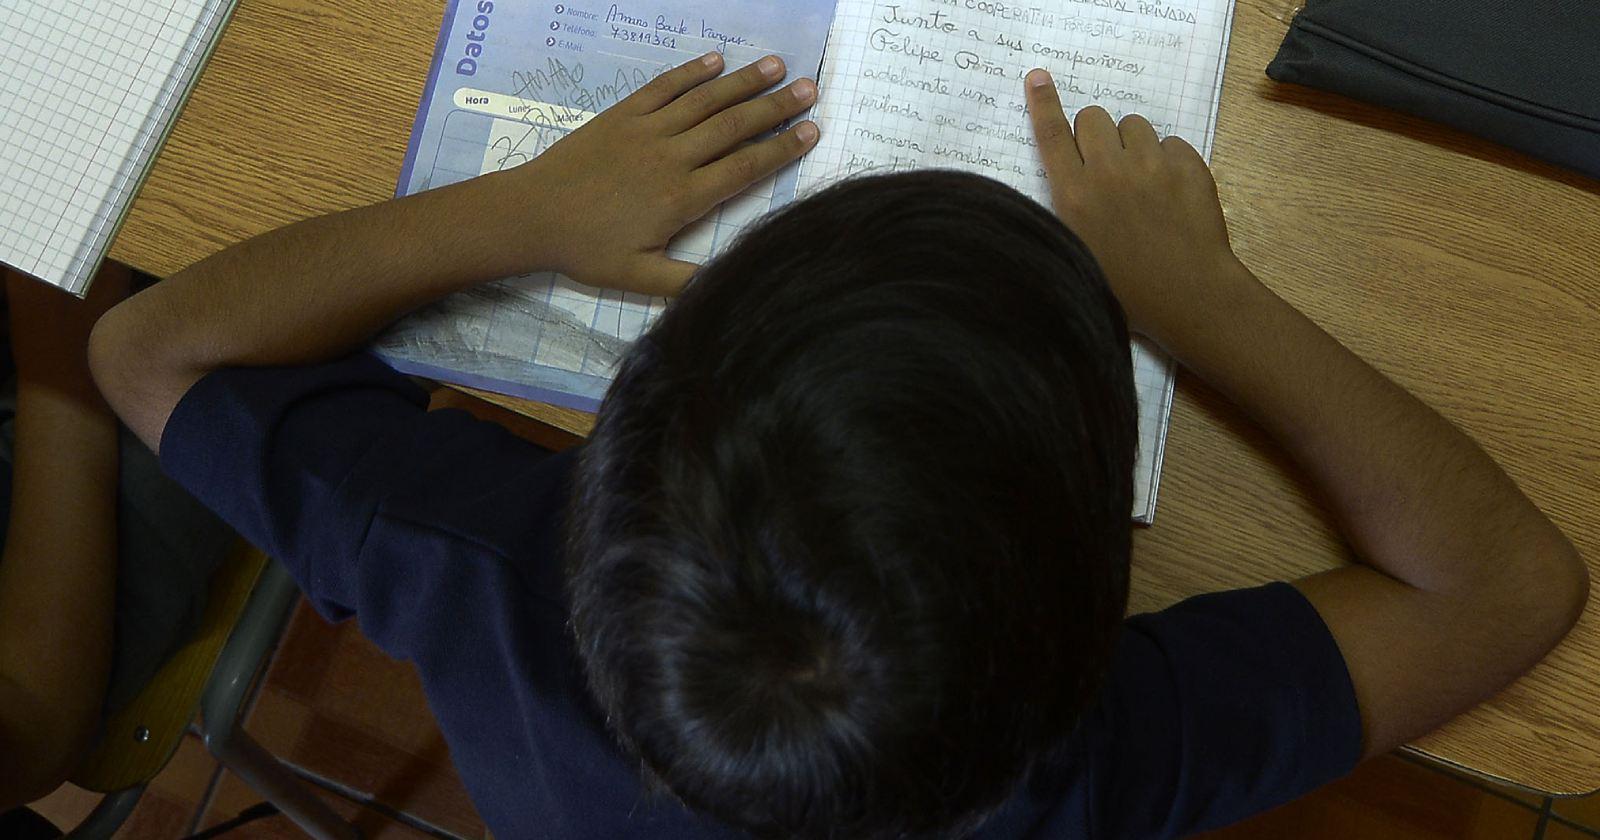 Más de 200 colegios de España reportan casos de Covid-19 tras el inicio de un nuevo año escolar